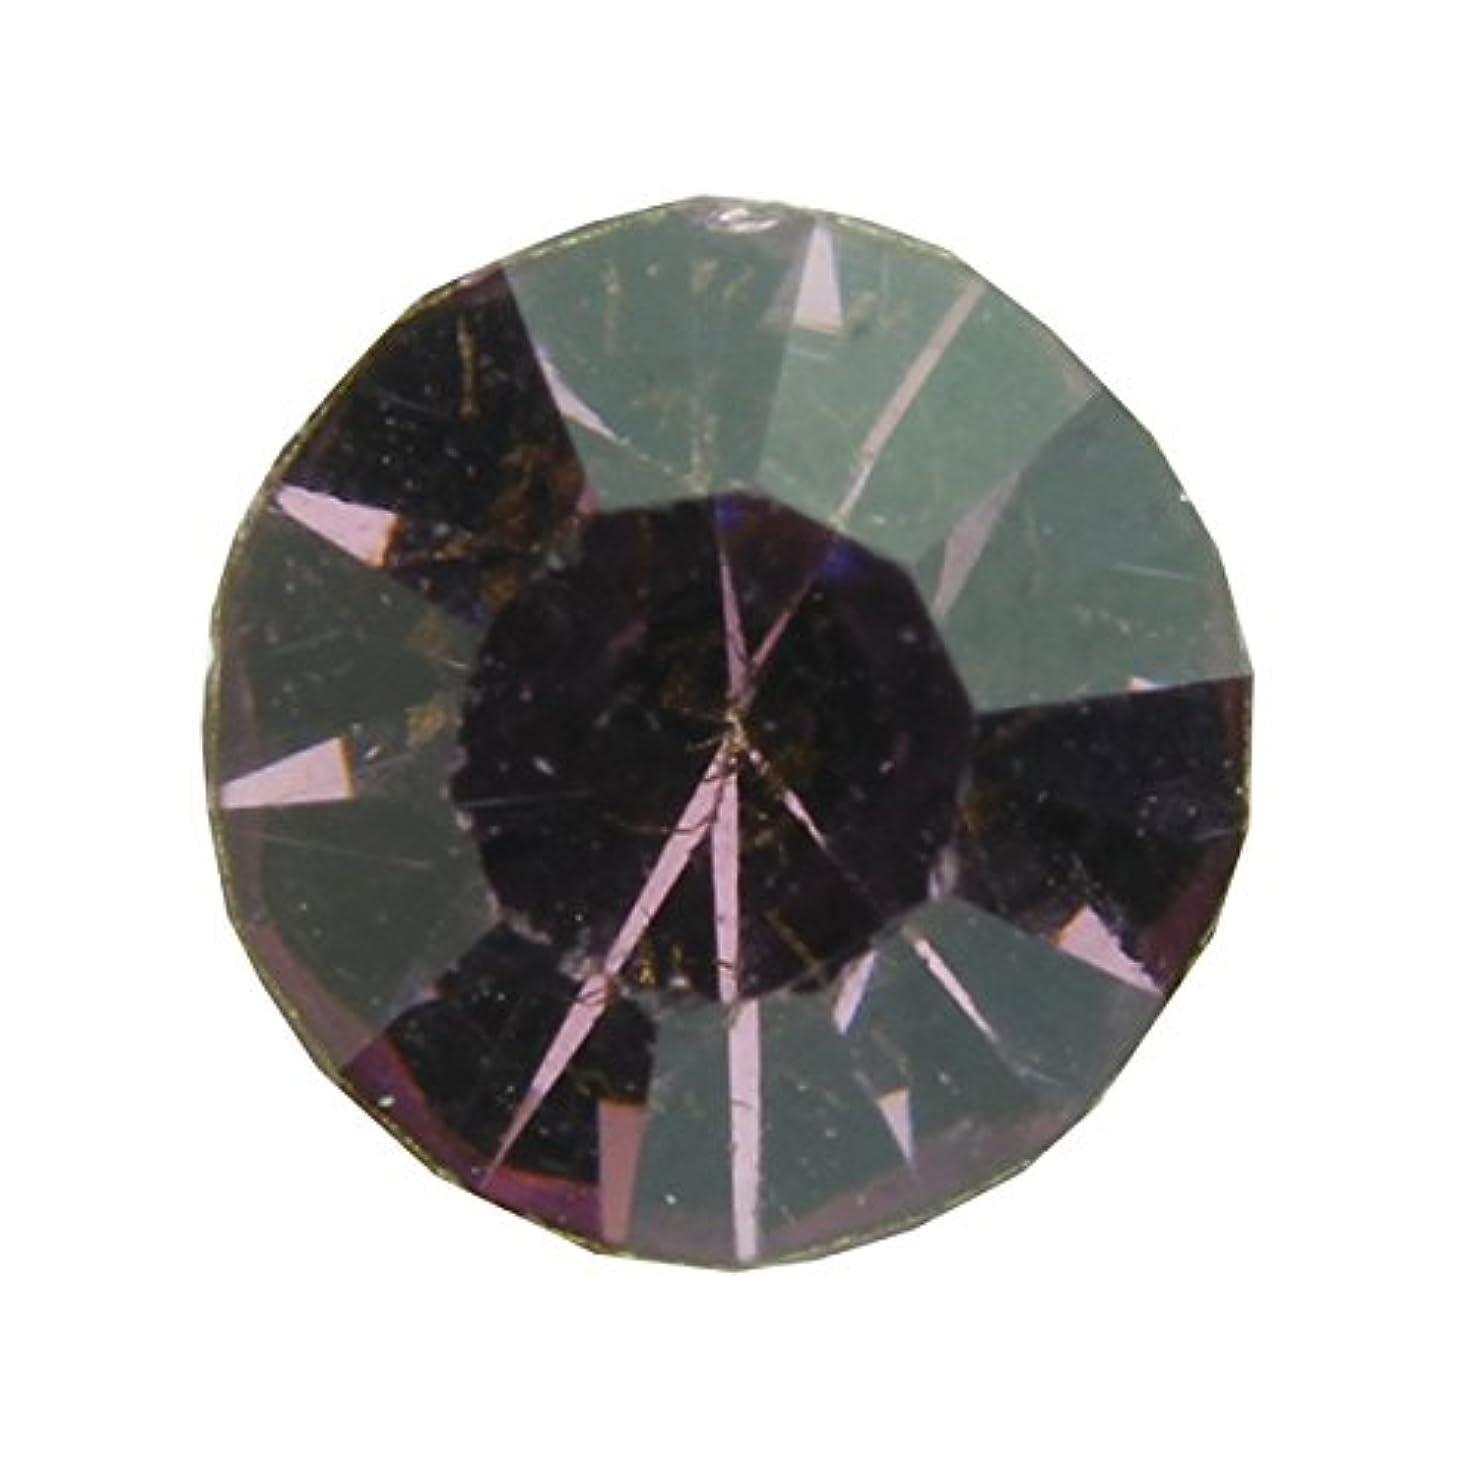 鮫製作本能アクリルストーンVカット ss12(約3.0mm)(30個入り) アメジスト